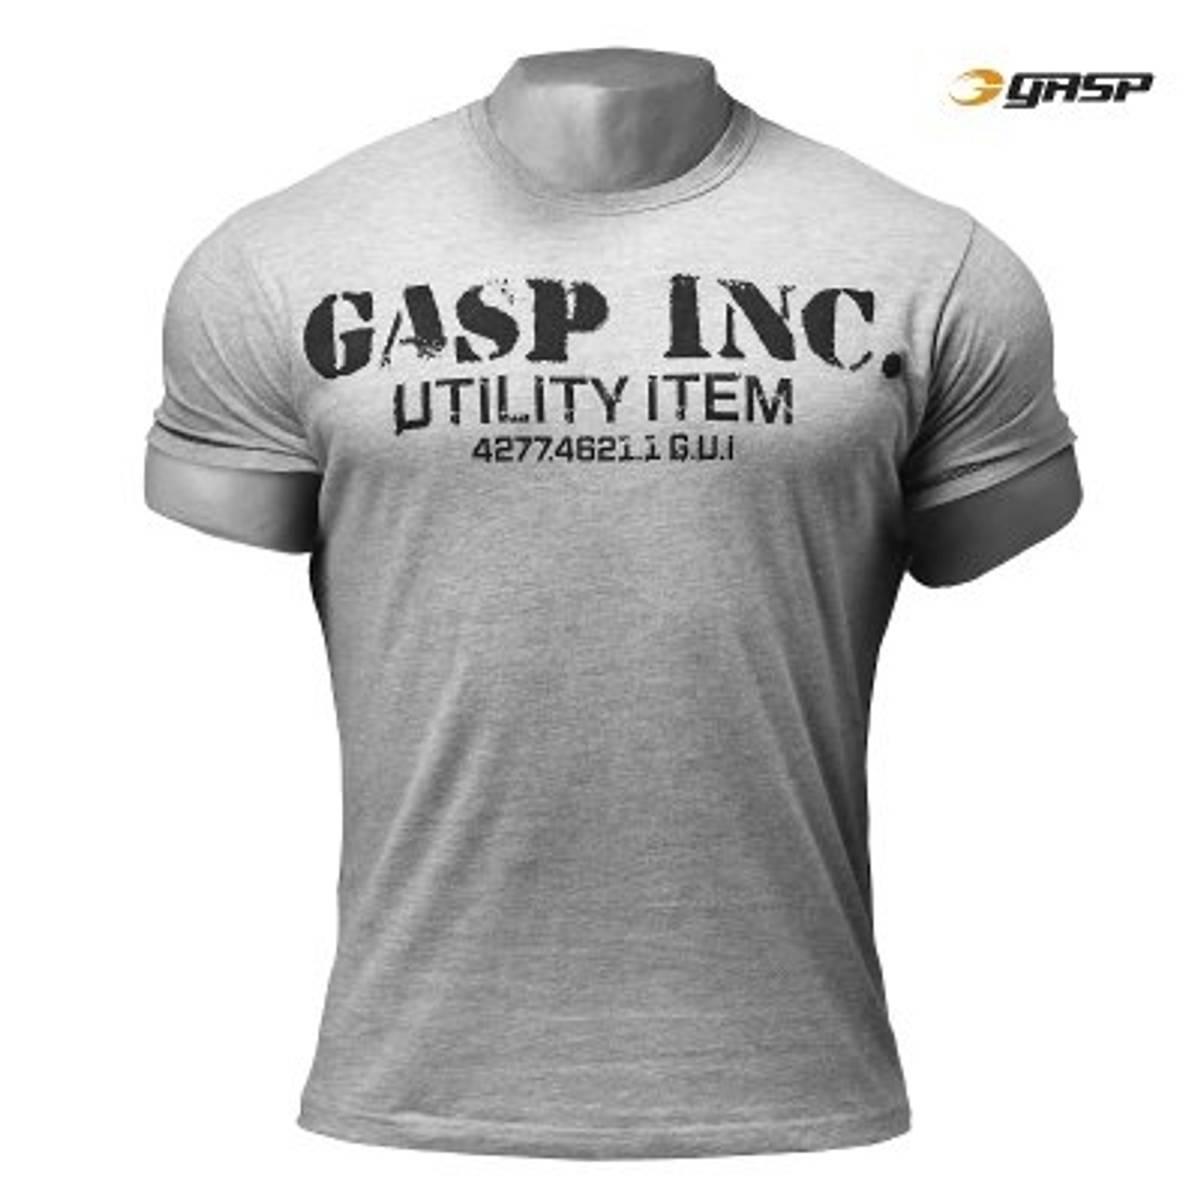 Basic Utility Tee